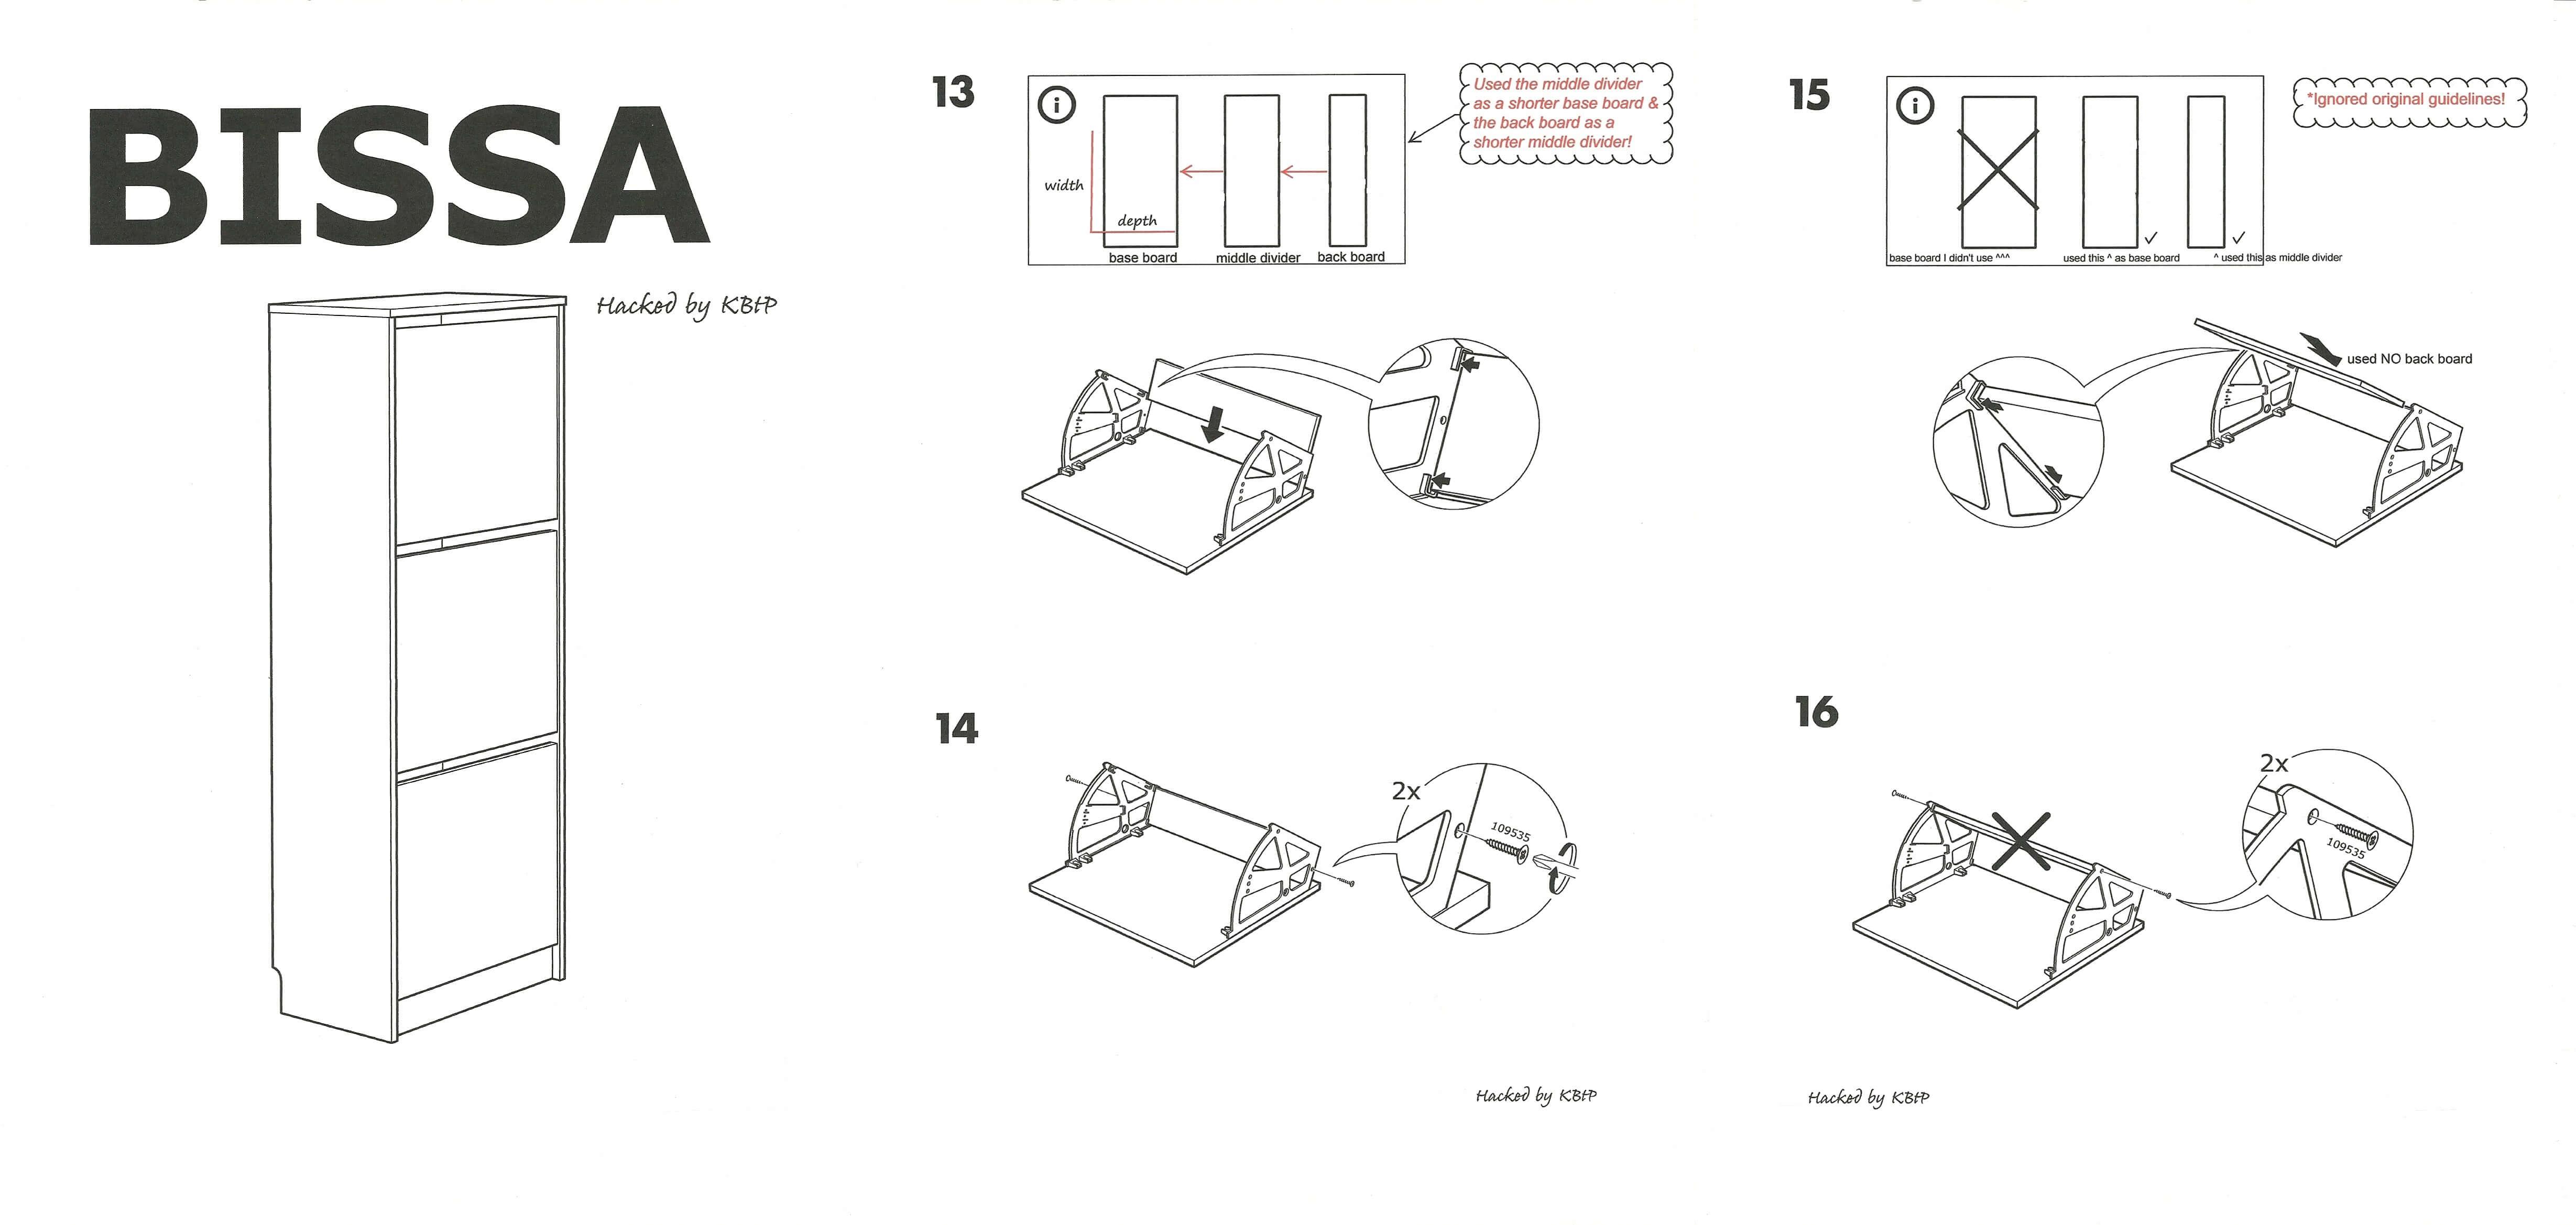 Ikea Bissa Hack by KBtP-horz